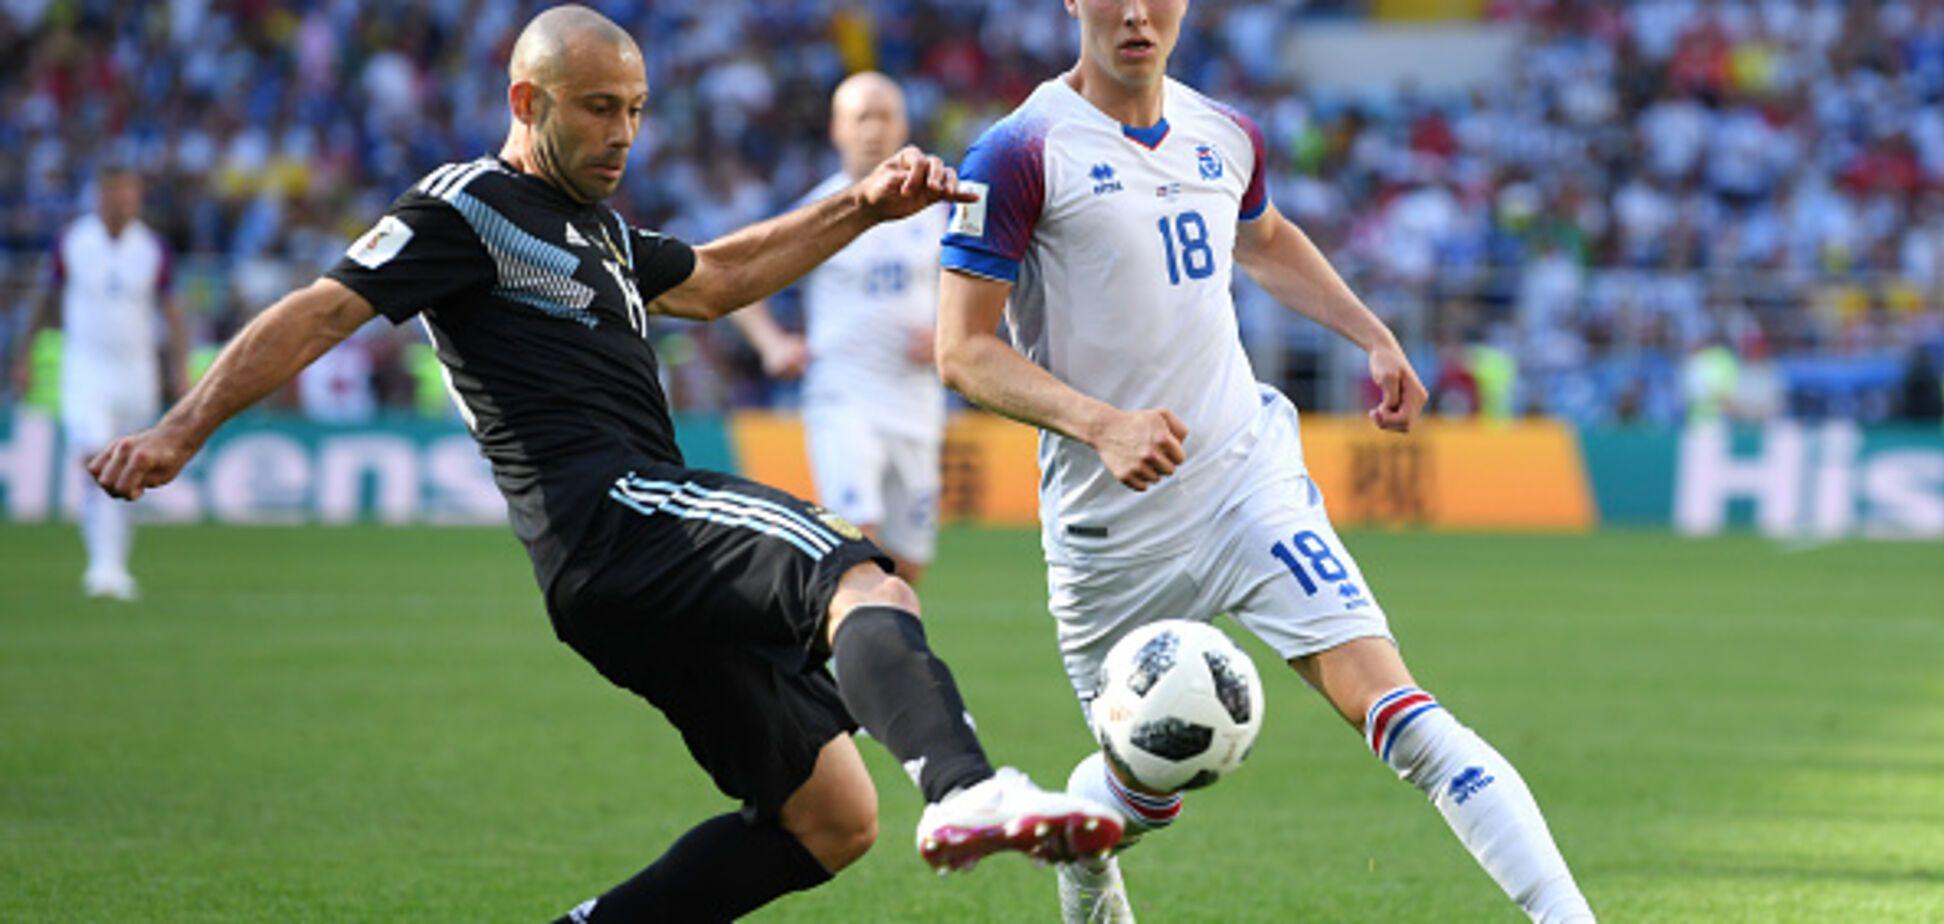 Нігерія - Ісландія - 2-0: онлайн-трансляція матчу ЧС-2018